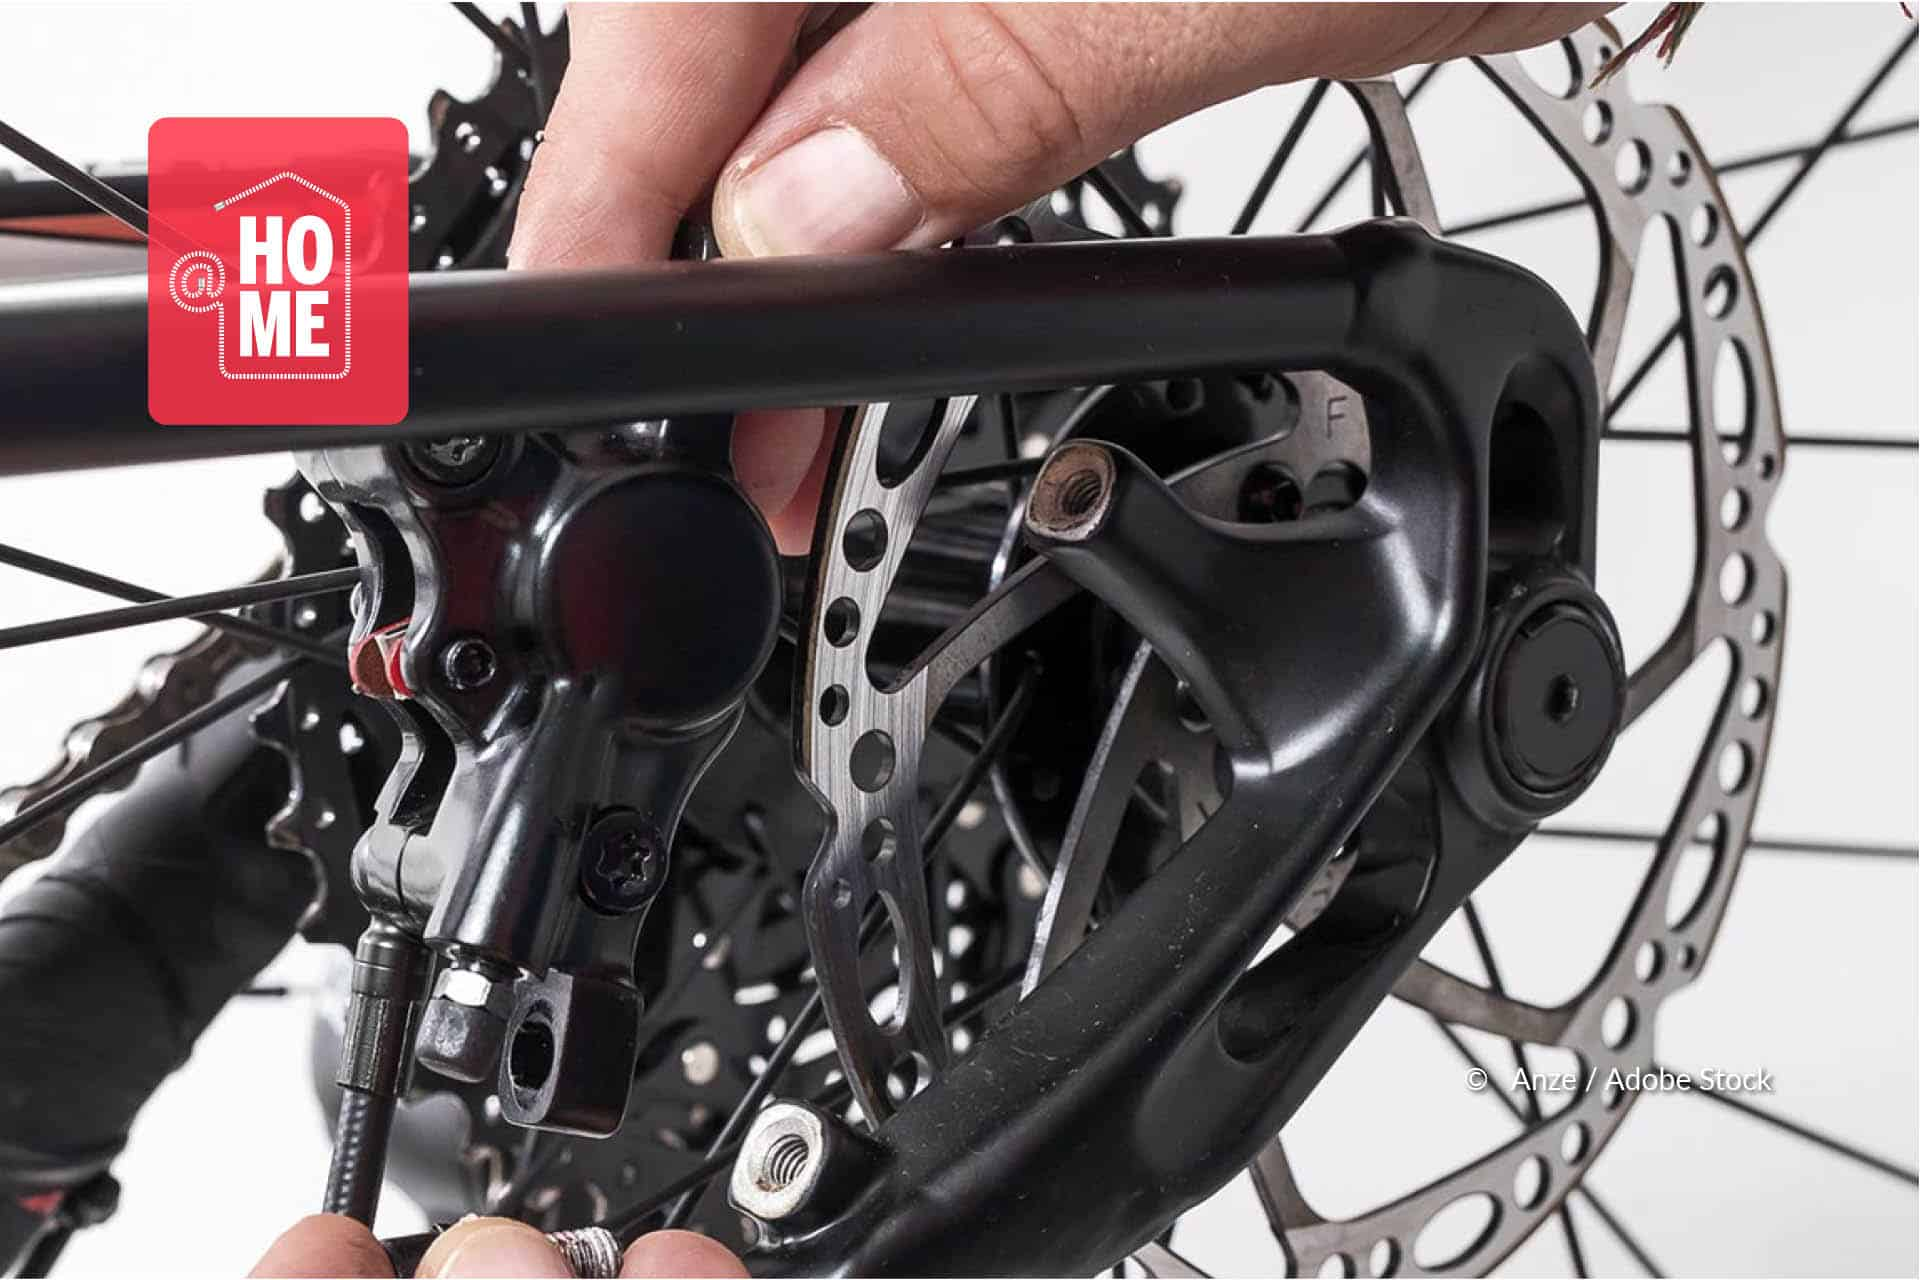 Comment remplacer les plaquettes de frein d'un vélo?